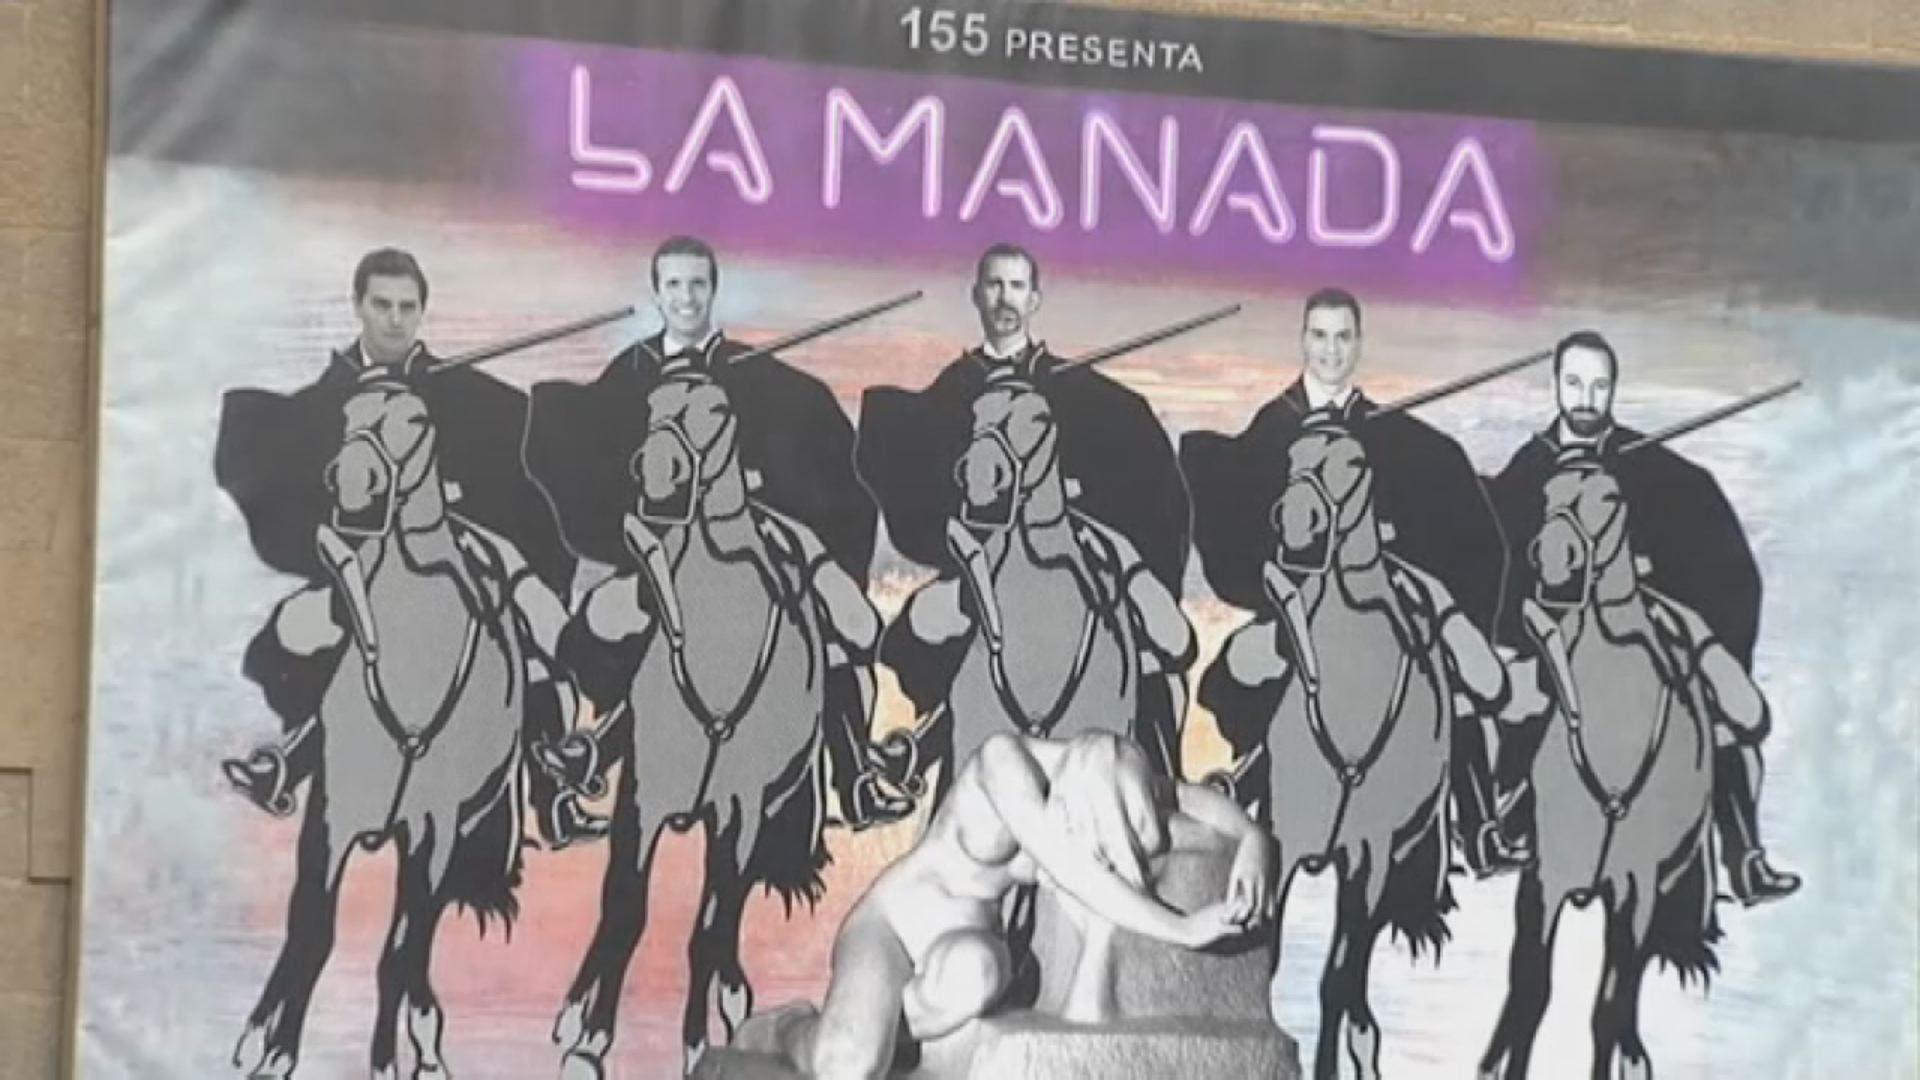 Polémico mural en Olot: compara a los líderes políticos con «La Manada».Imagen de archivo de la exportavoz del grupo socialista en el Congreso de los Diputados Soraya Rodríguez